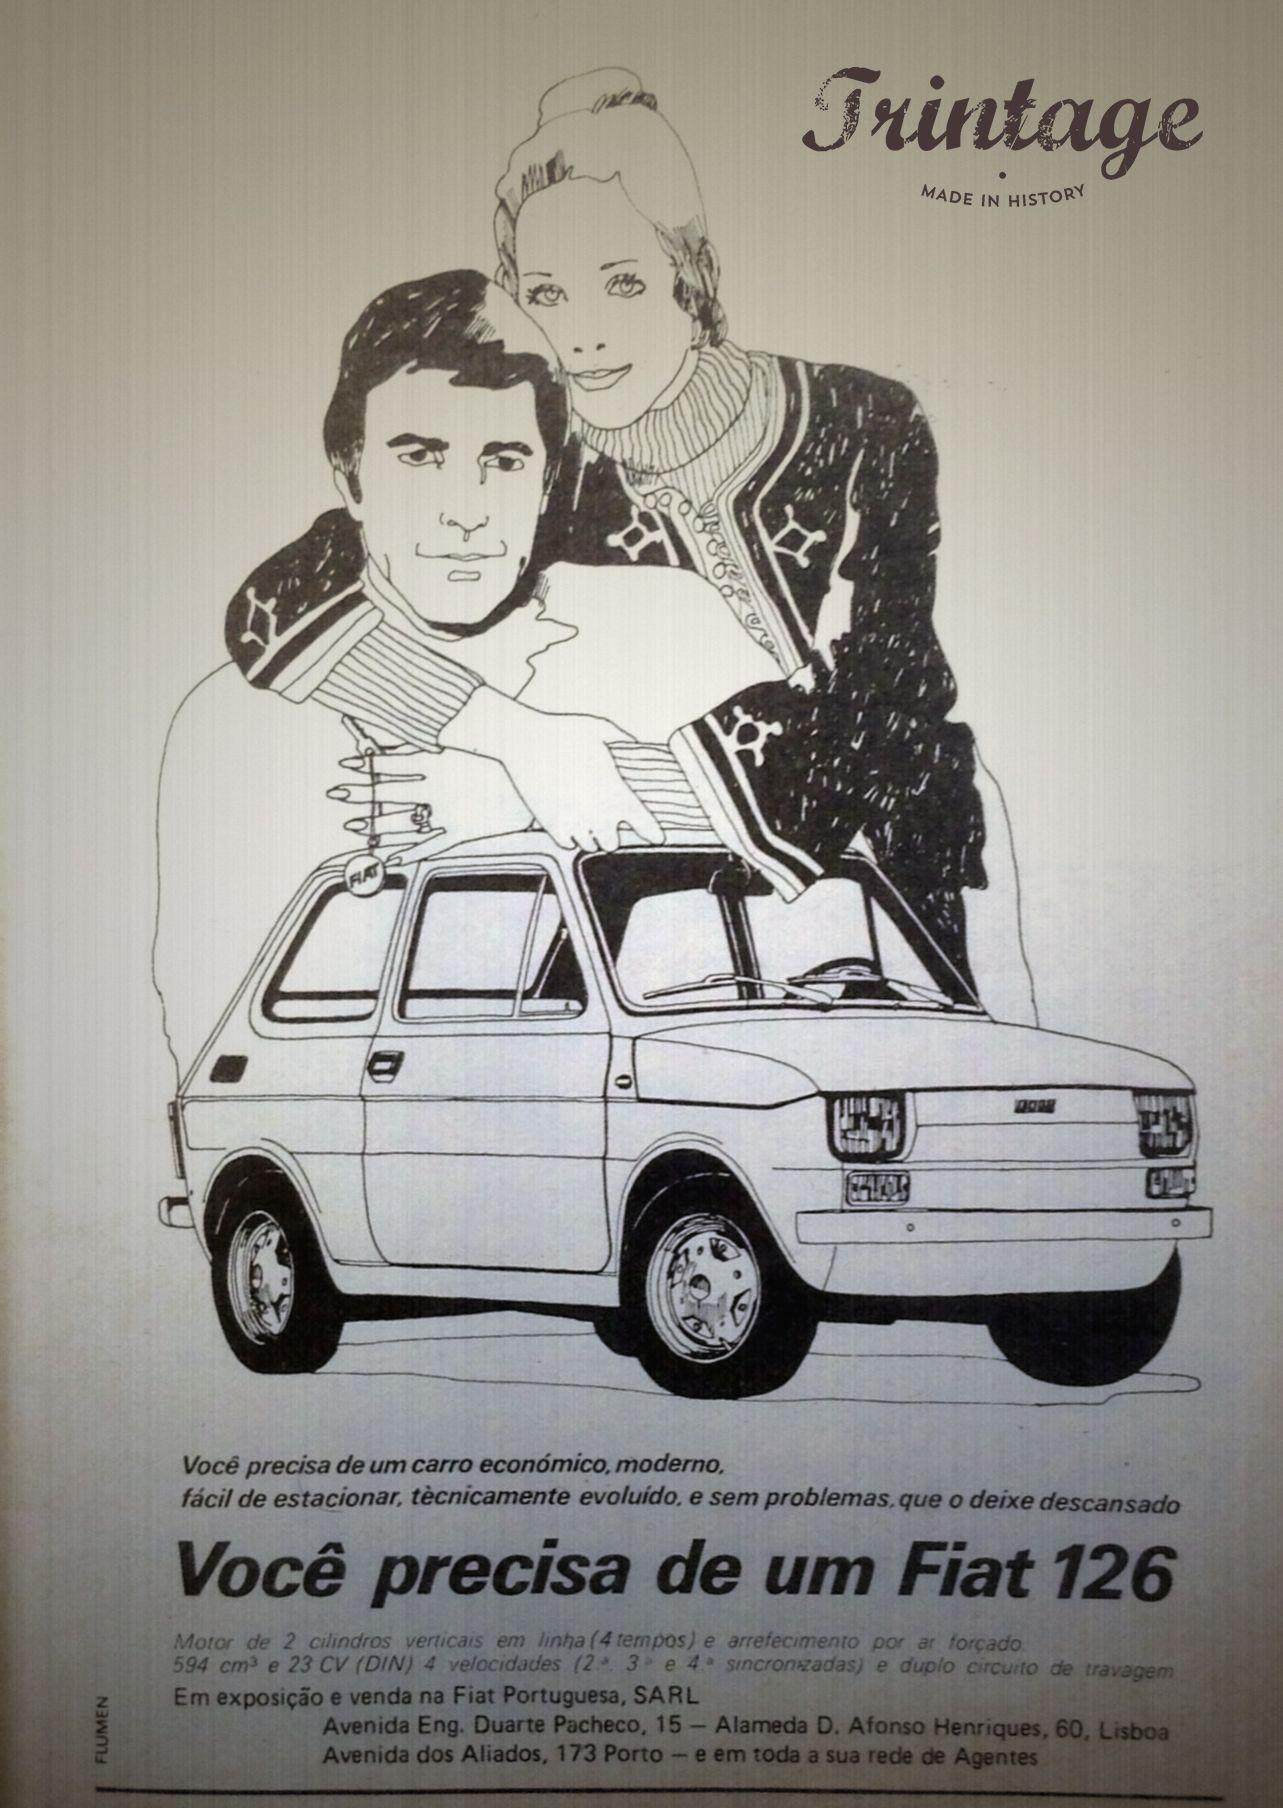 Você precisa de um carro económico, moderno, fácil de estacionar, tecnicamente evoluído e sem problemas, que o deixe descansado…. Você precisa de um Fiat 126. Tele-Semana, nº38, 1973.